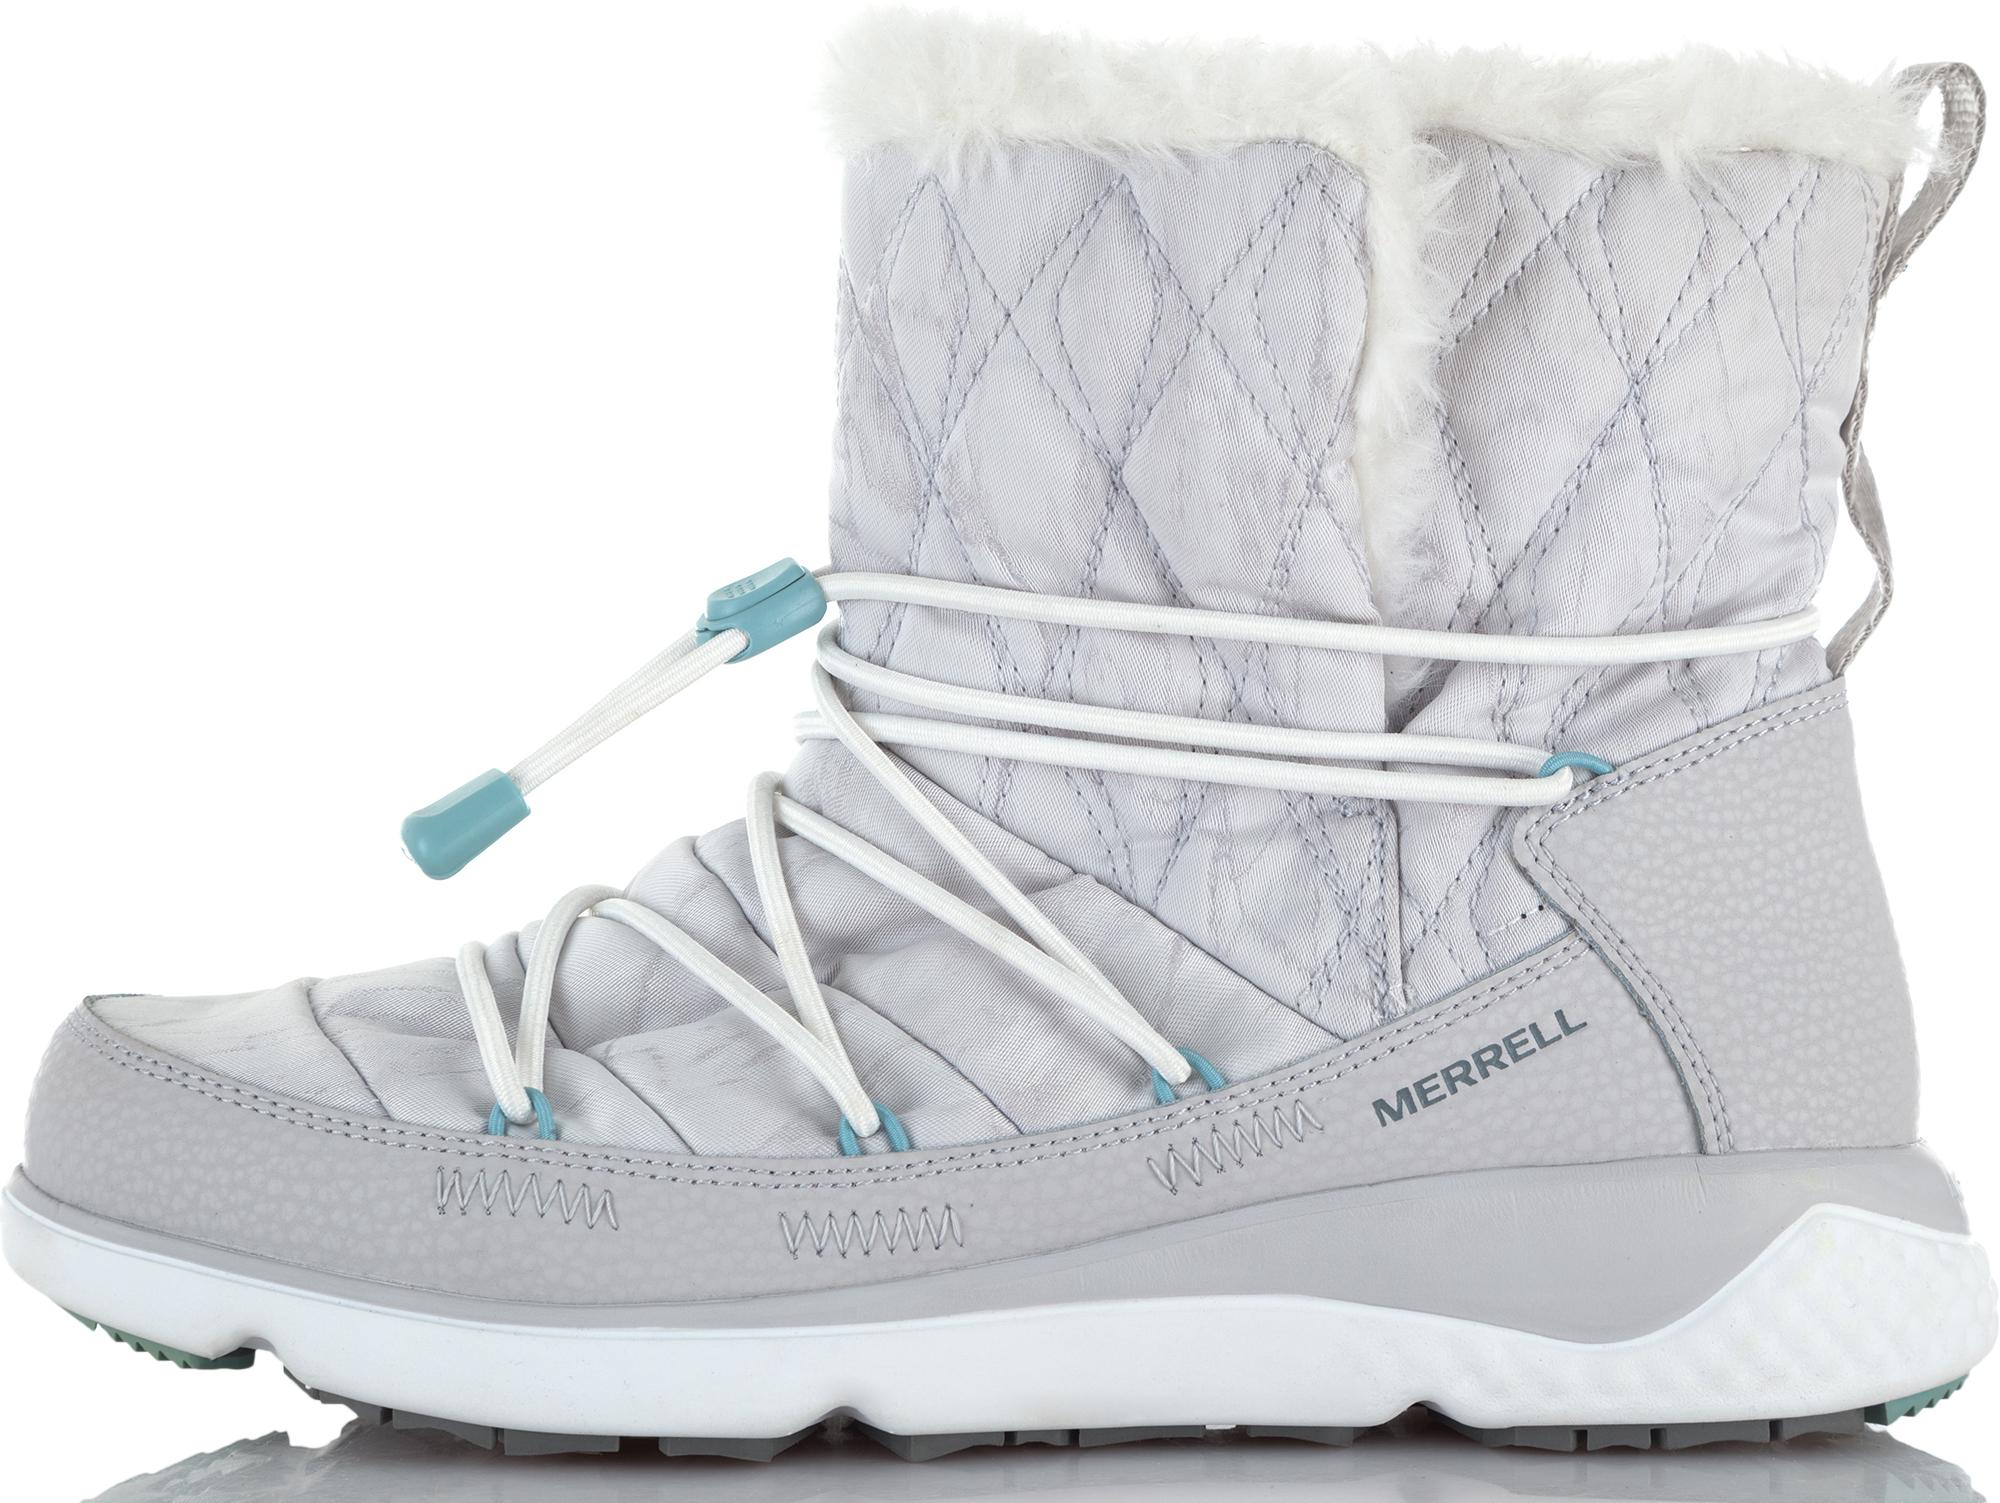 купить Merrell Ботинки утепленные женские Merrell 1six8 Farchill Mid Polar Fc+, размер 37,5 онлайн